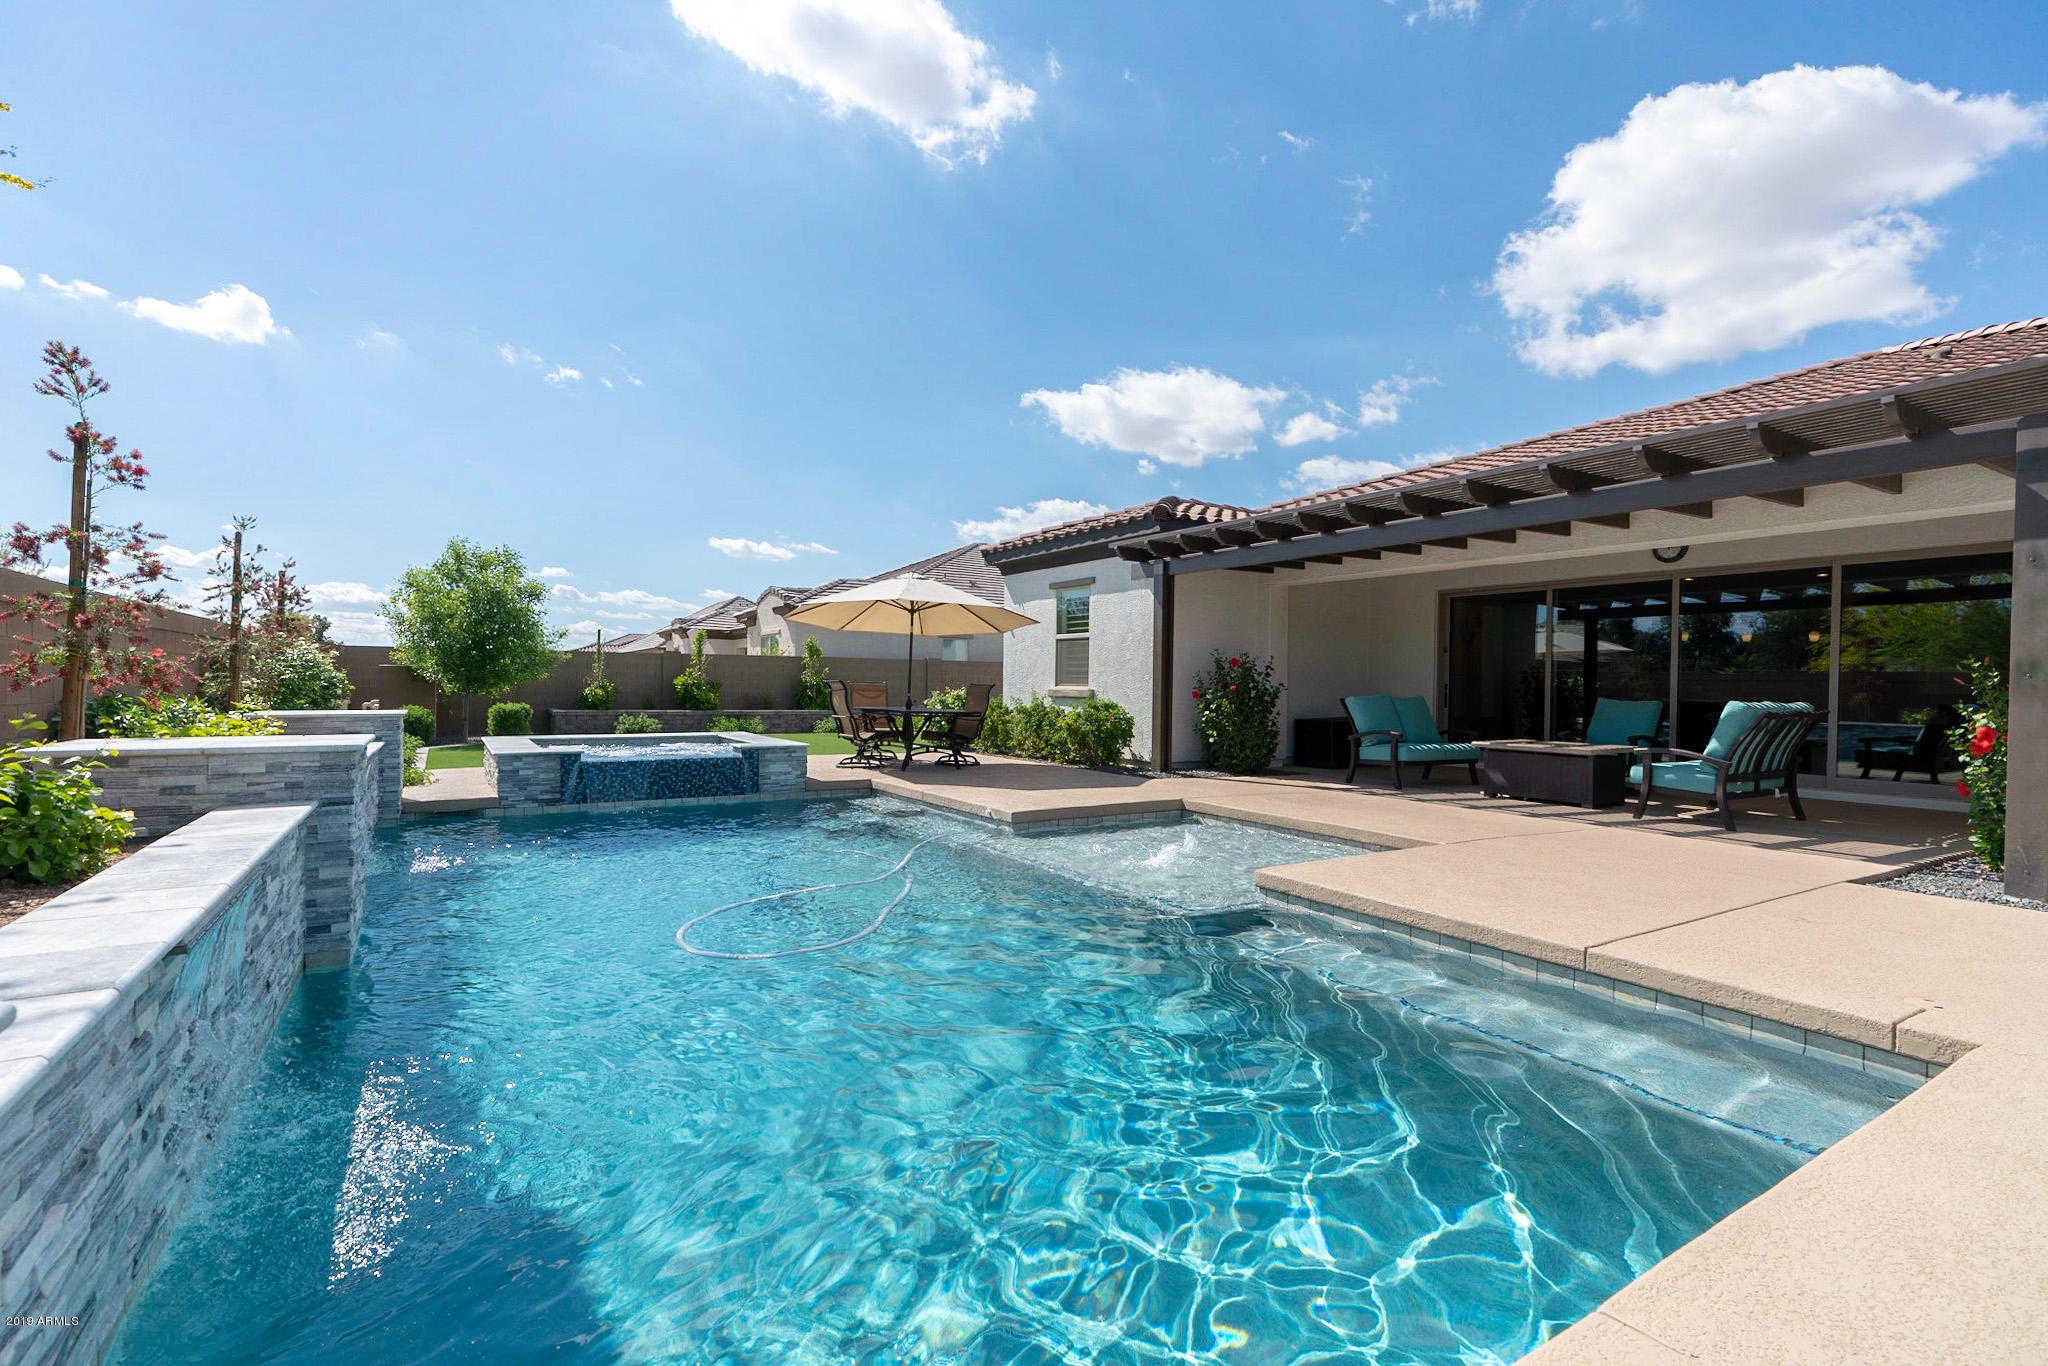 $500,000 - 4Br/3Ba - Home for Sale in La Sentiero, Queen Creek